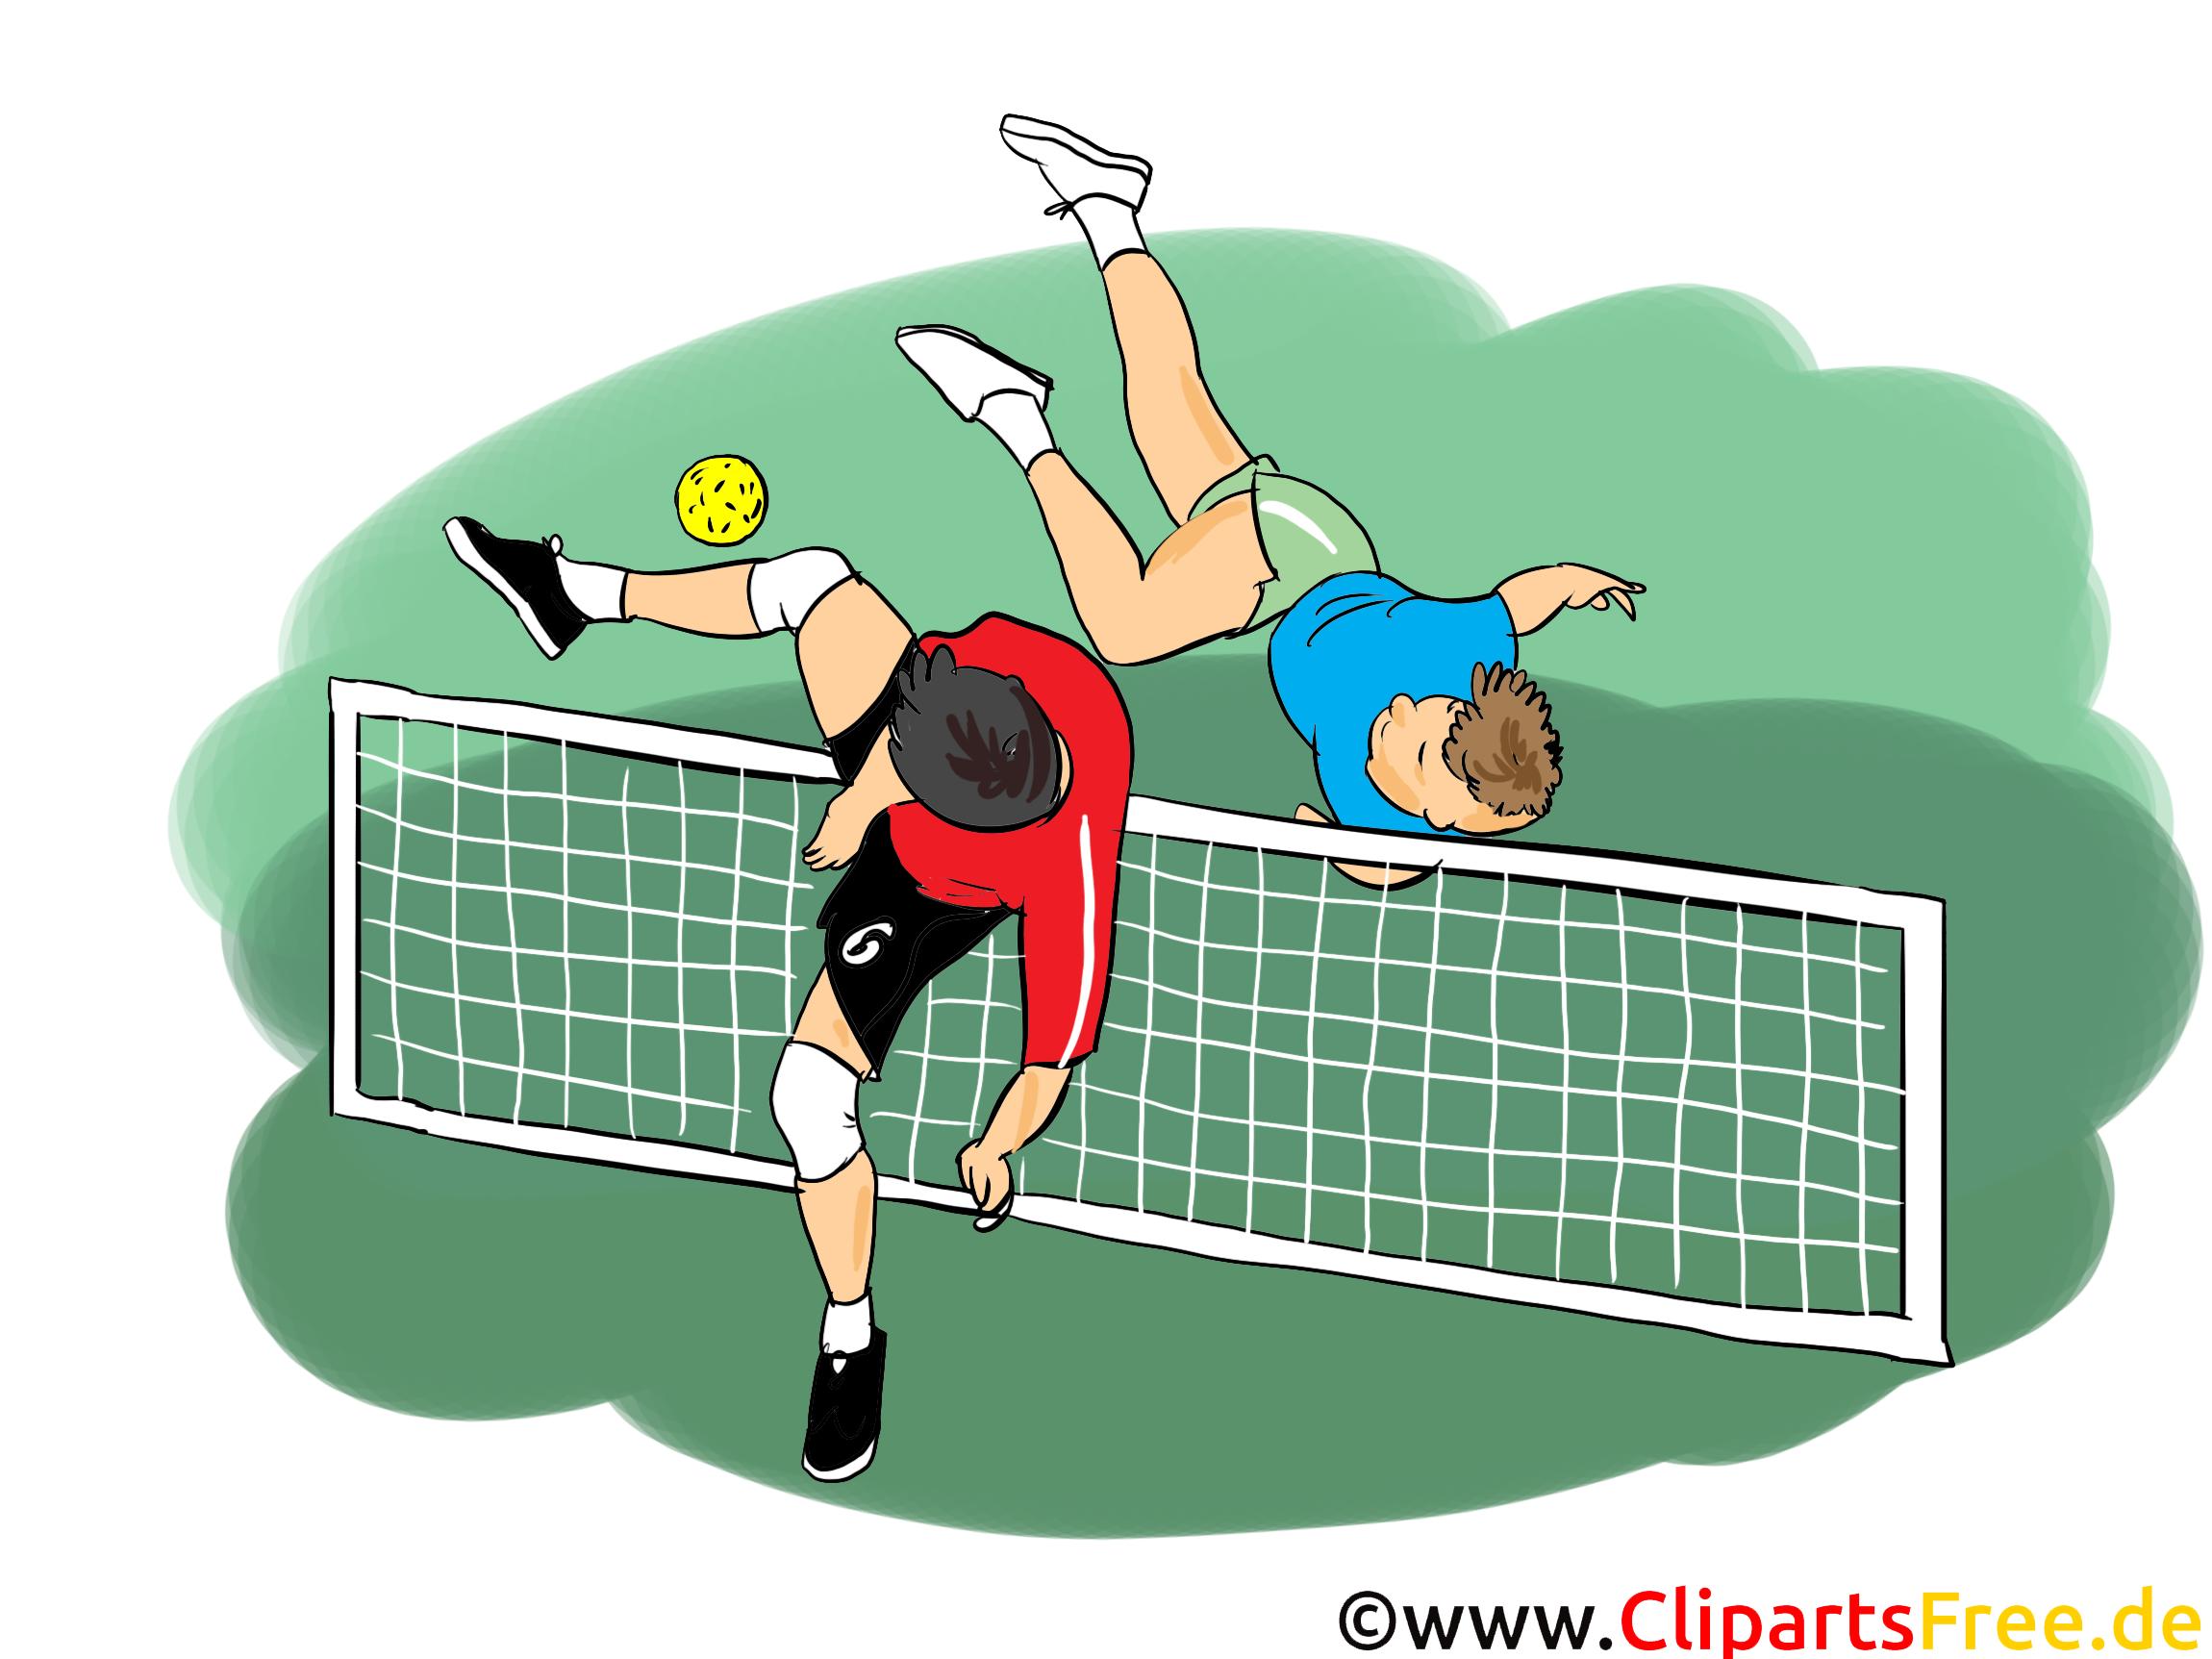 Nett Tennis Malvorlagen Zum Ausdrucken Fotos - Malvorlagen Von ...